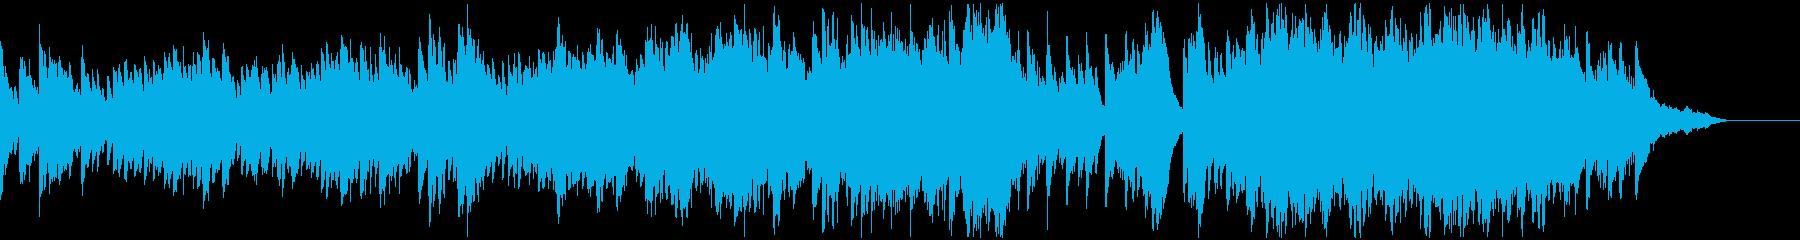 心のやすらぎをイメージしたピアノ曲の再生済みの波形